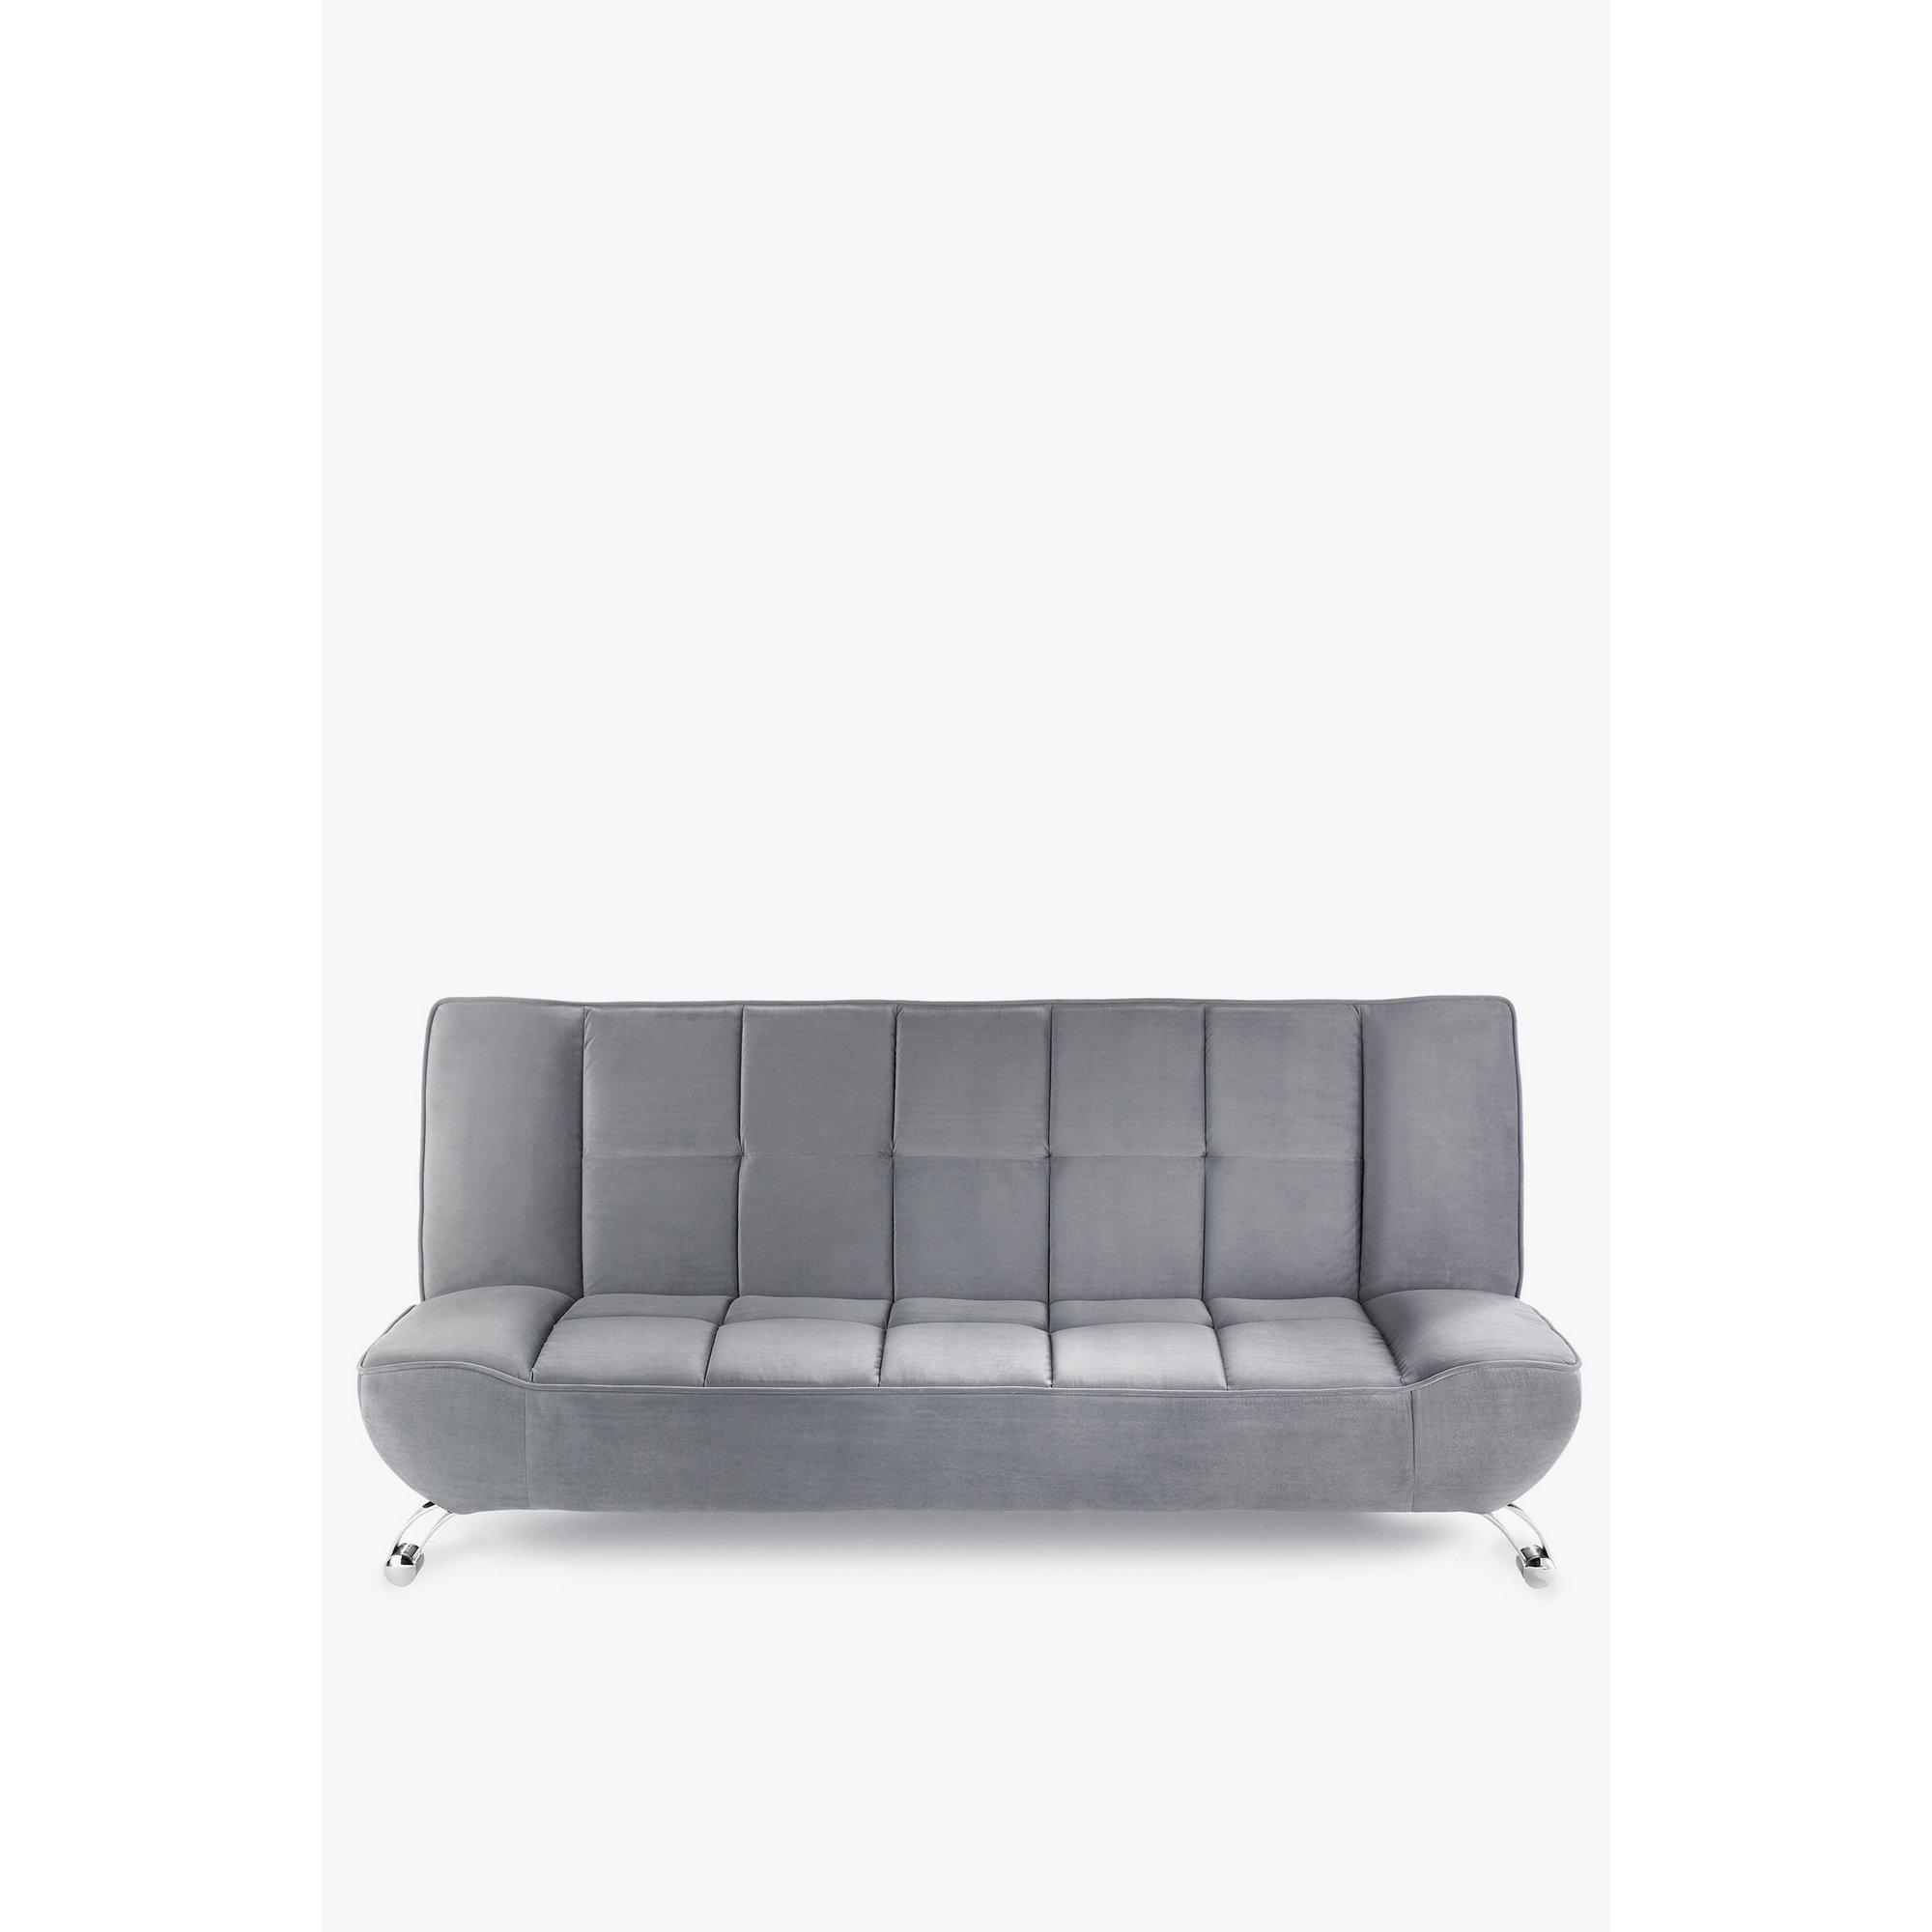 Image of Genoa Velvet Sofa Bed